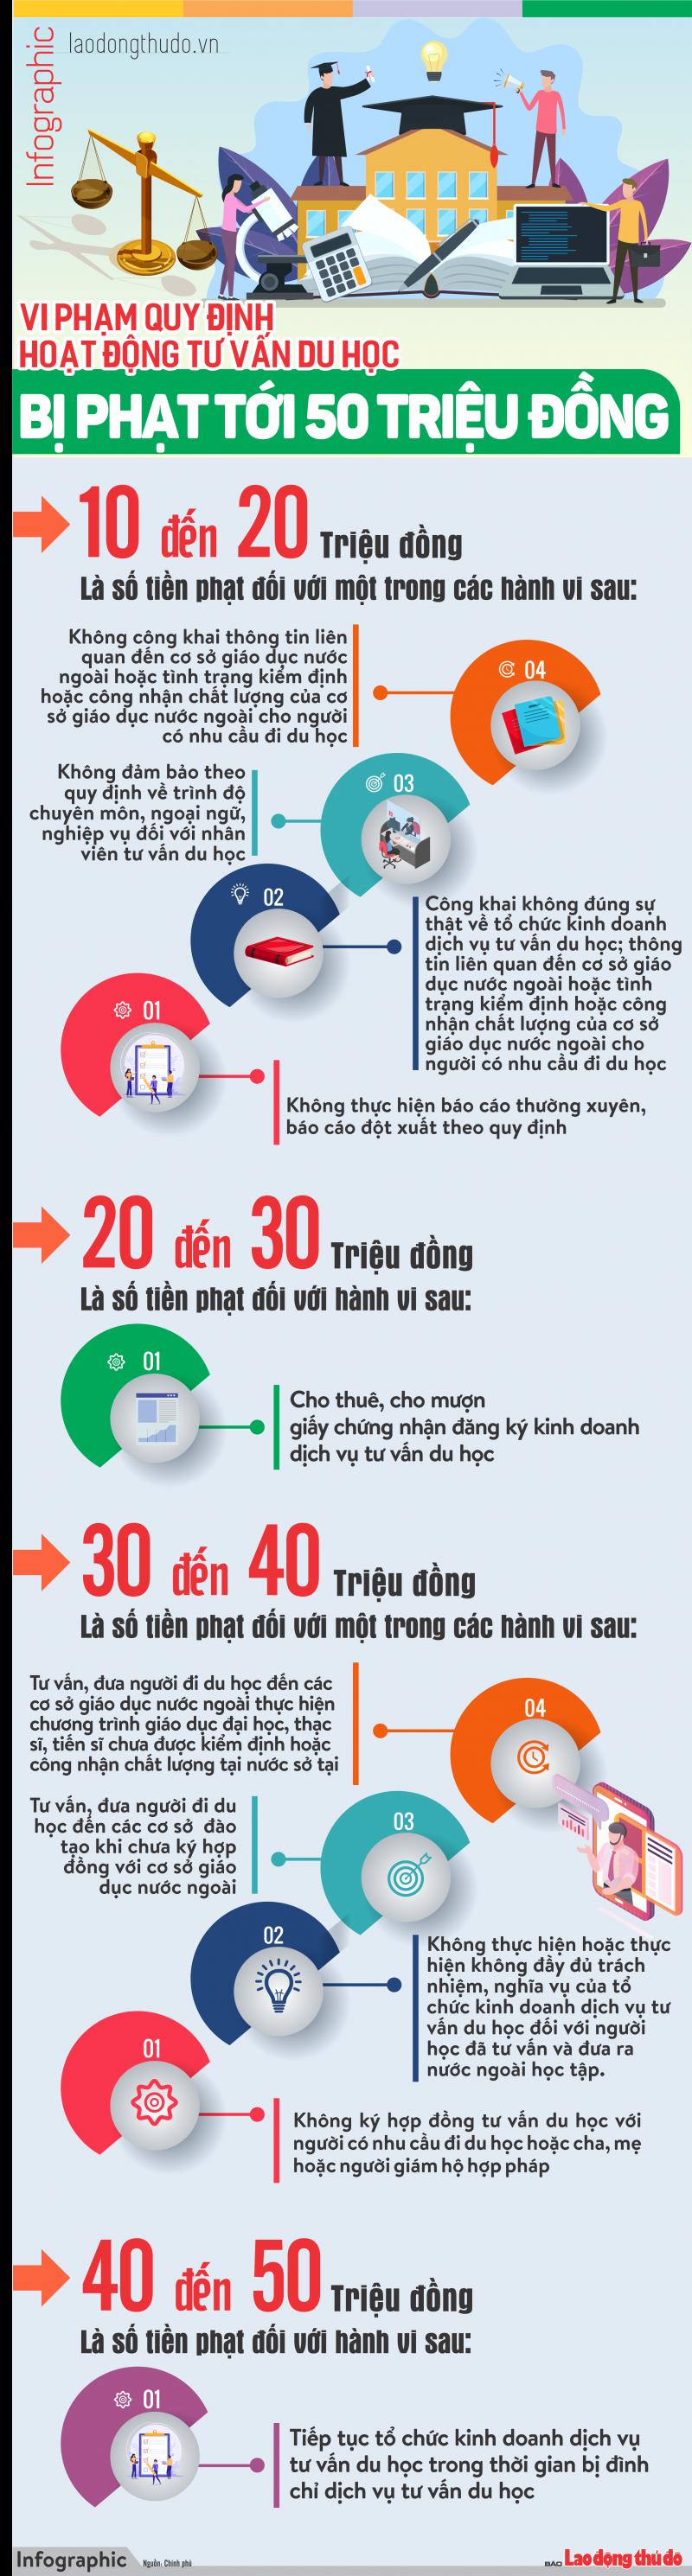 infographic vi pham quy dinh hoat dong tu van du hoc bi phat toi 50 trieu dong